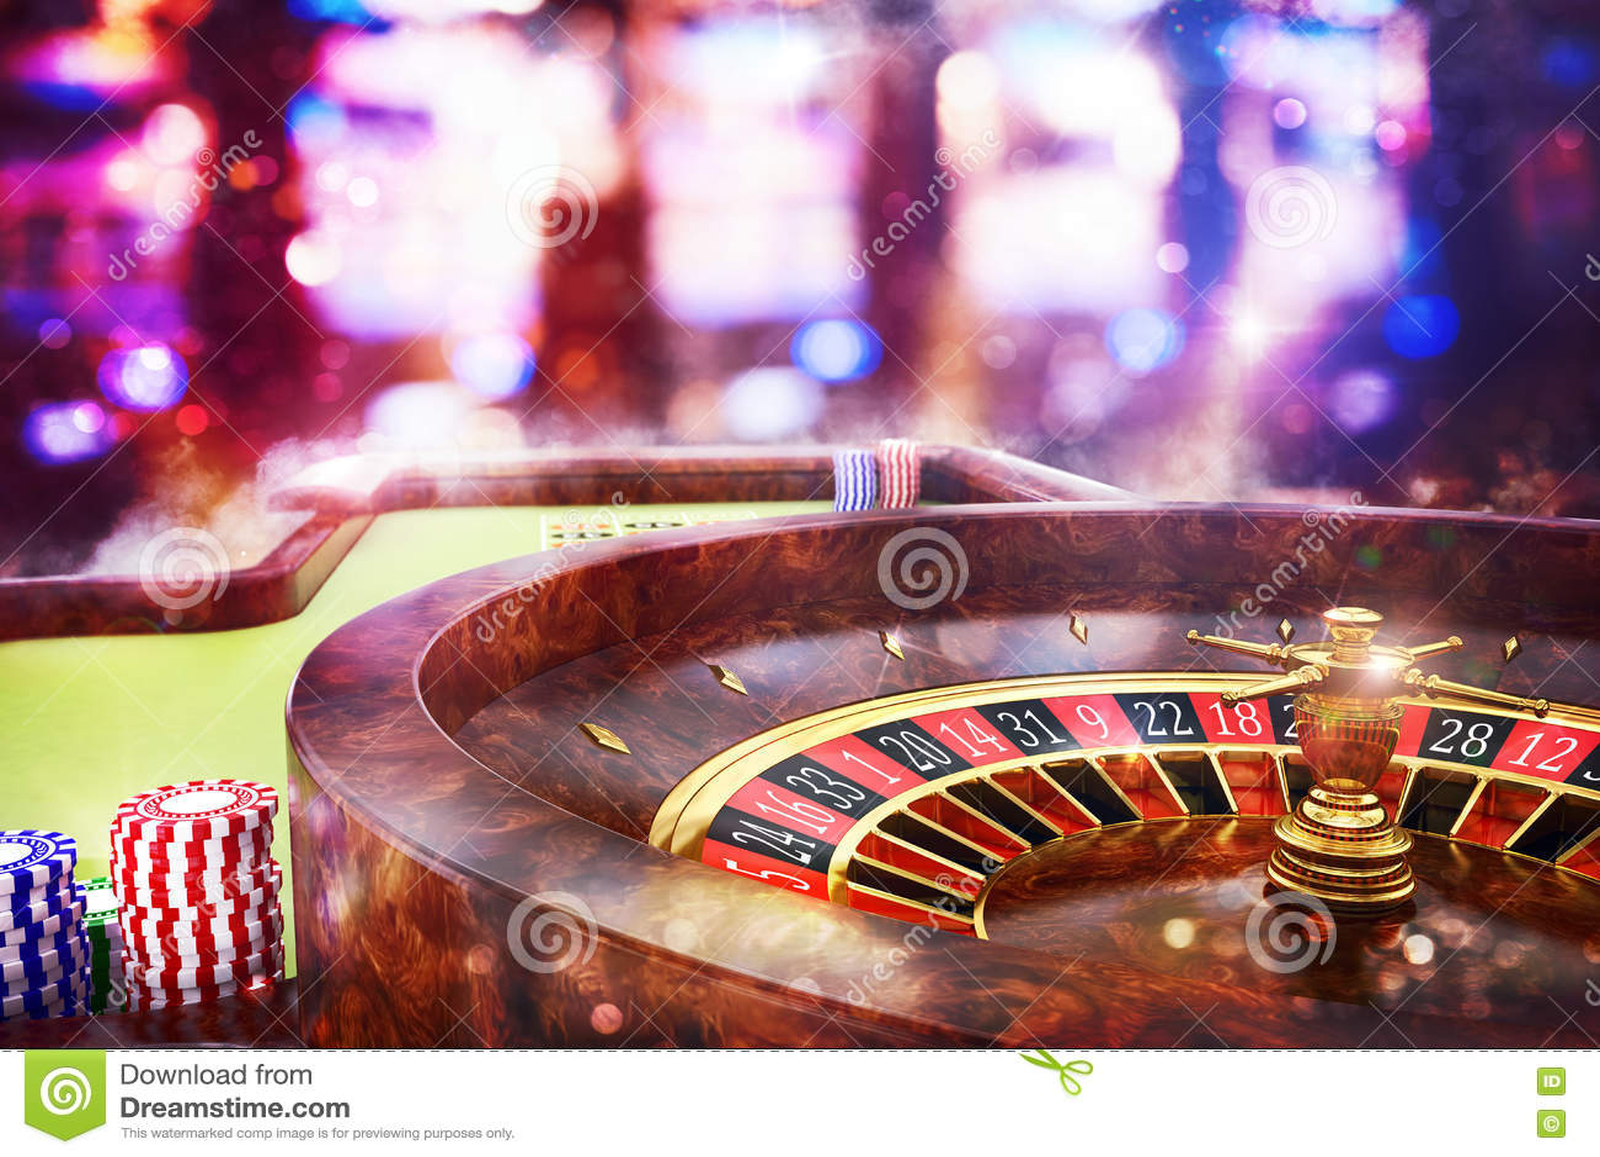 Хакер рулетка казино игровые автоматы играть пряма сейчас